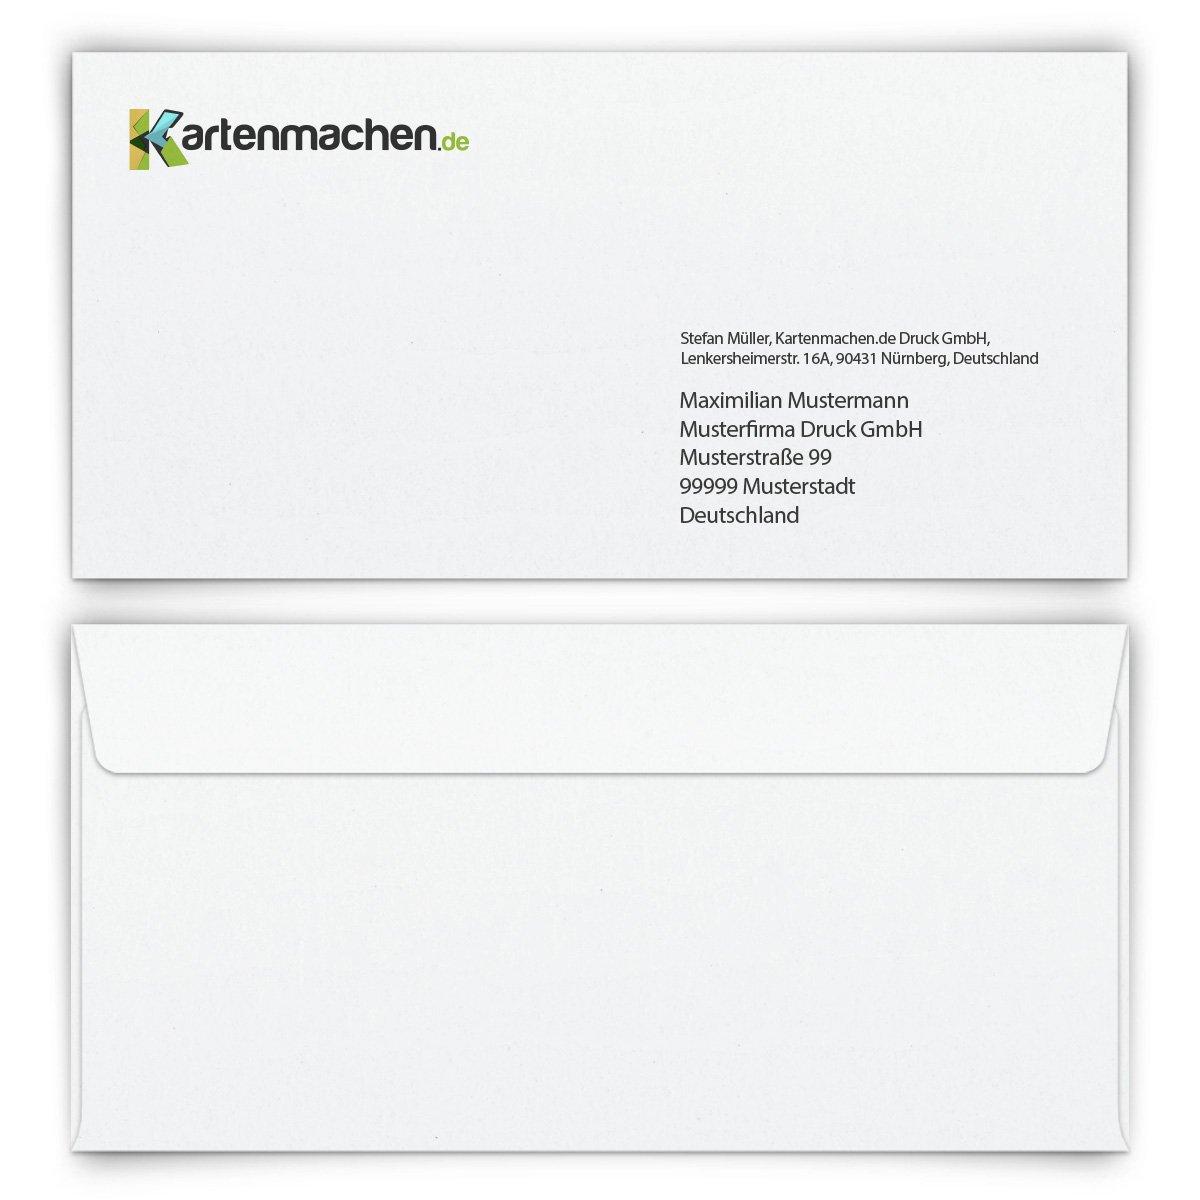 50 x Personalisierte Briefumschläge DIN Lang 220 x 110 mm - Weiß individuell bedruckt mit Logo B0757WXL59 | Perfekte Verarbeitung  | Reichhaltiges Design  | Spaß